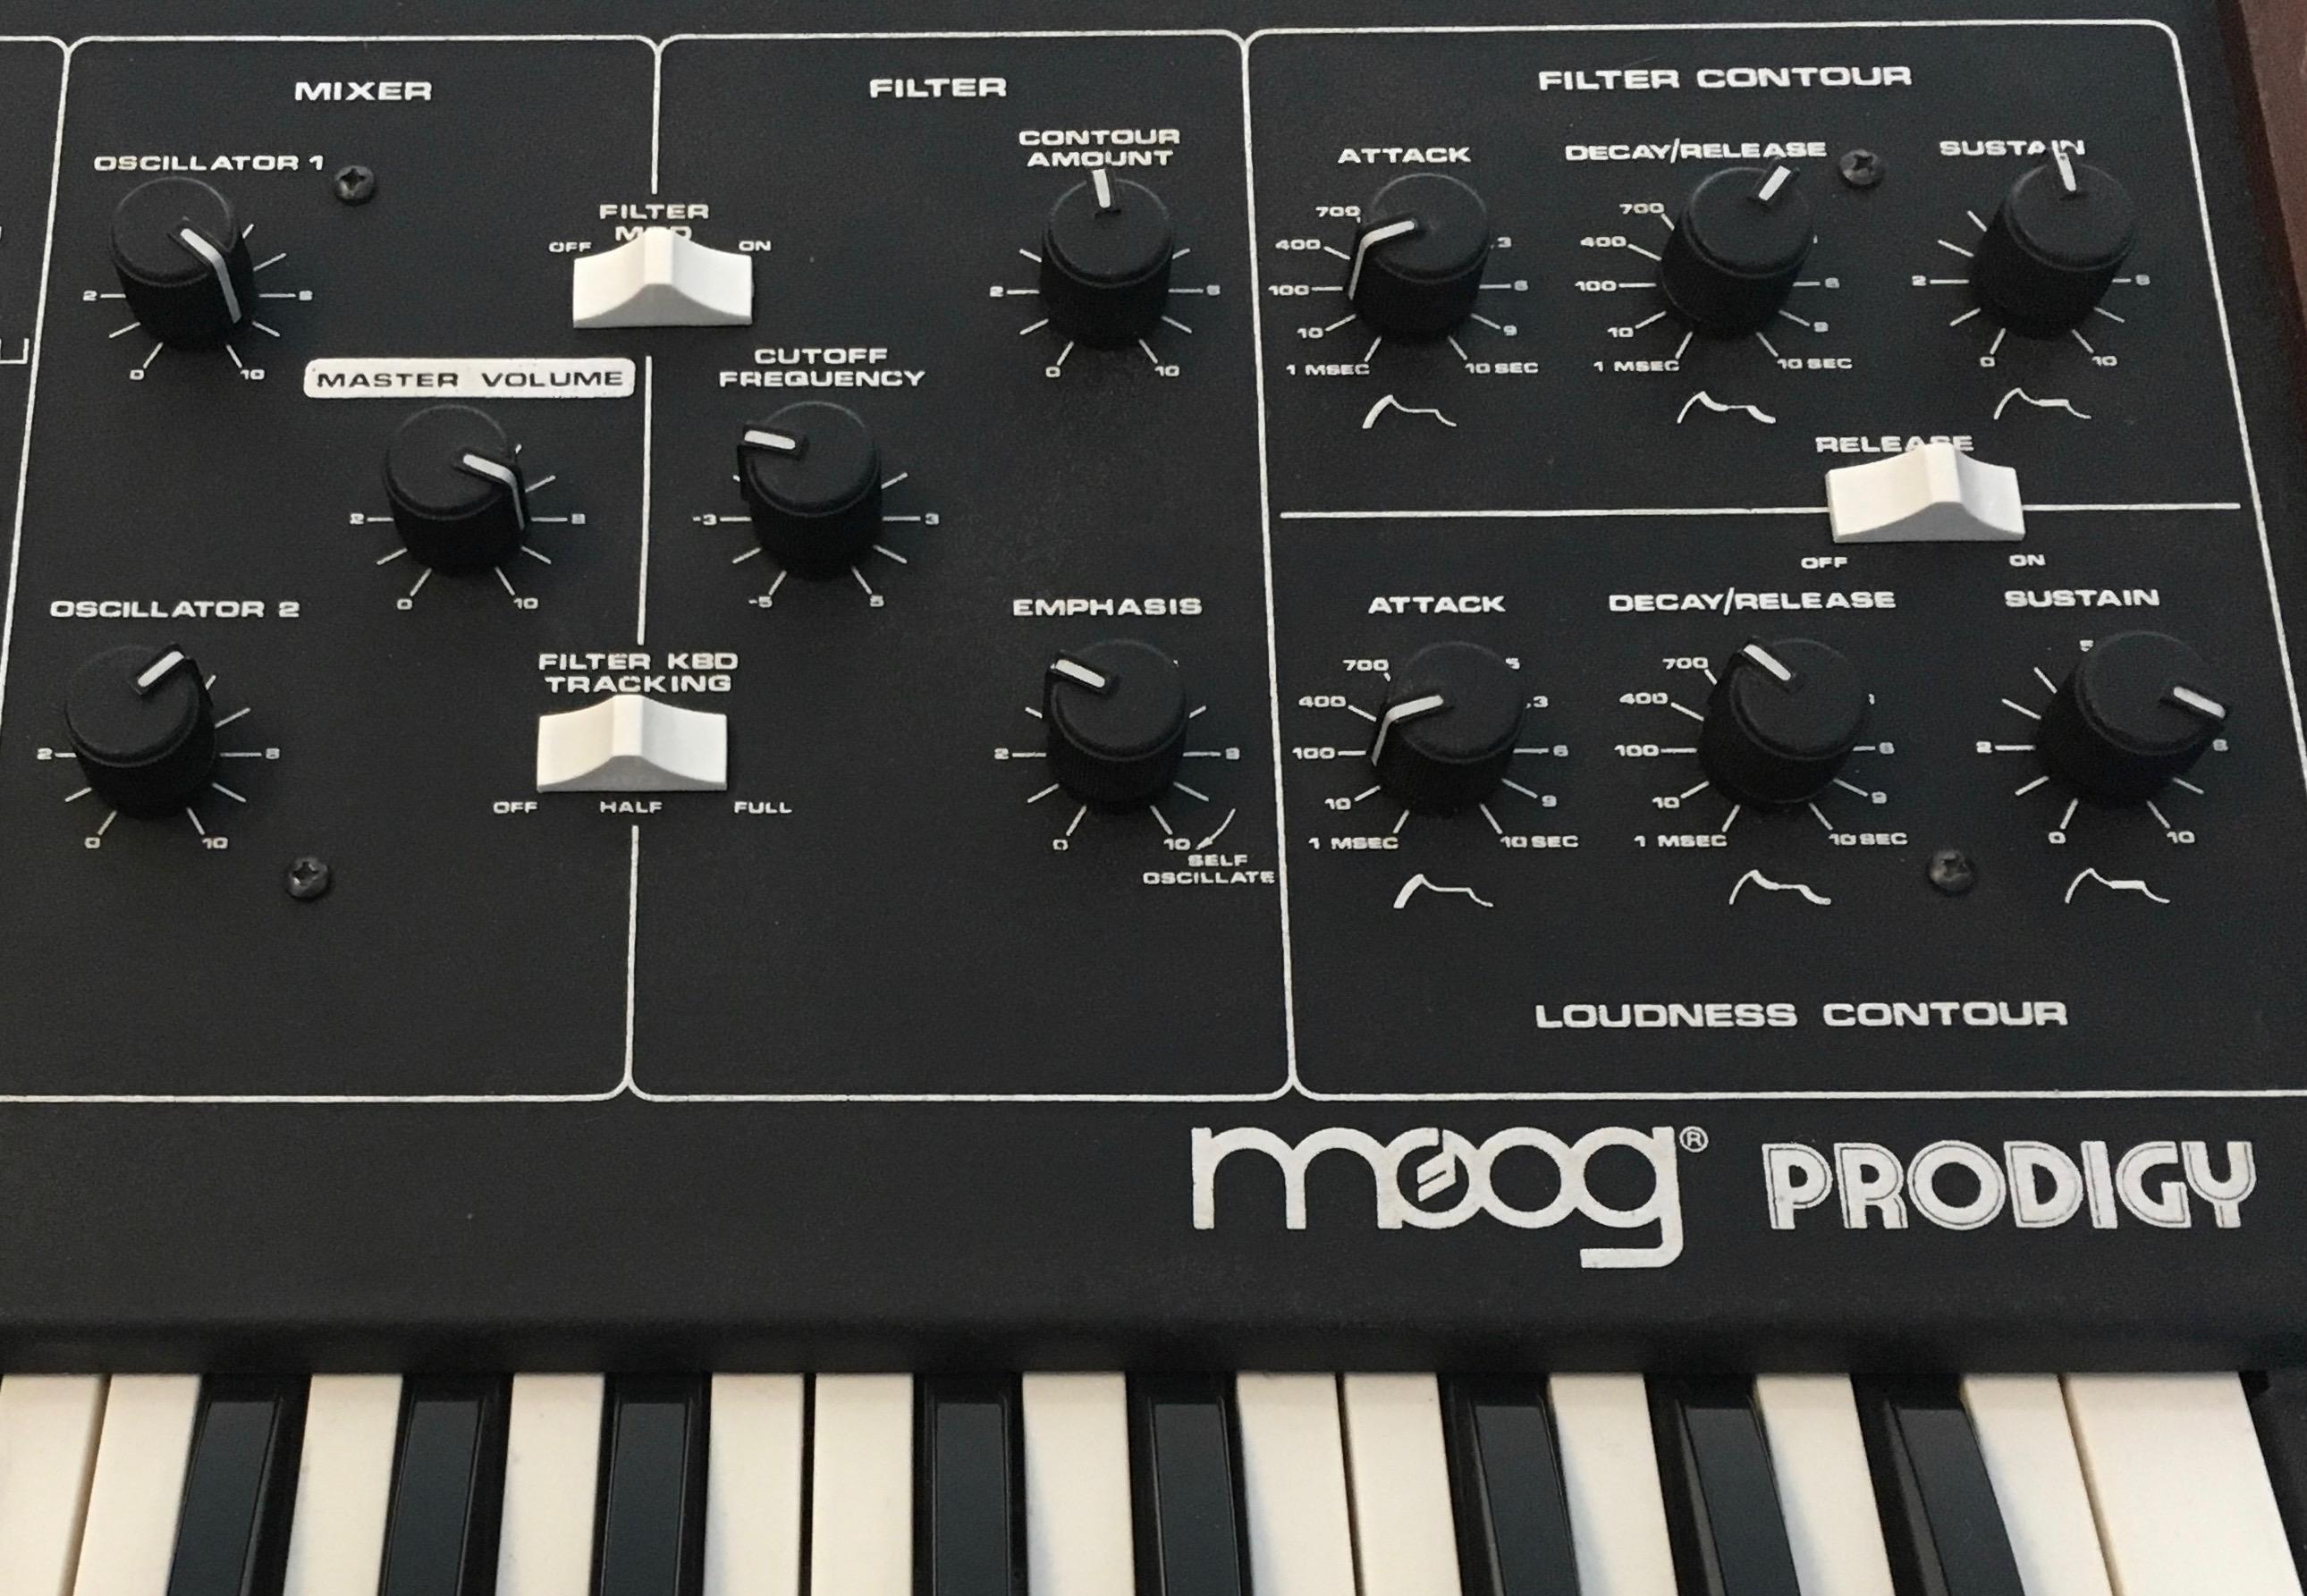 prodigy moog music prodigy audiofanzine Moog Minitmoog Moog Synth